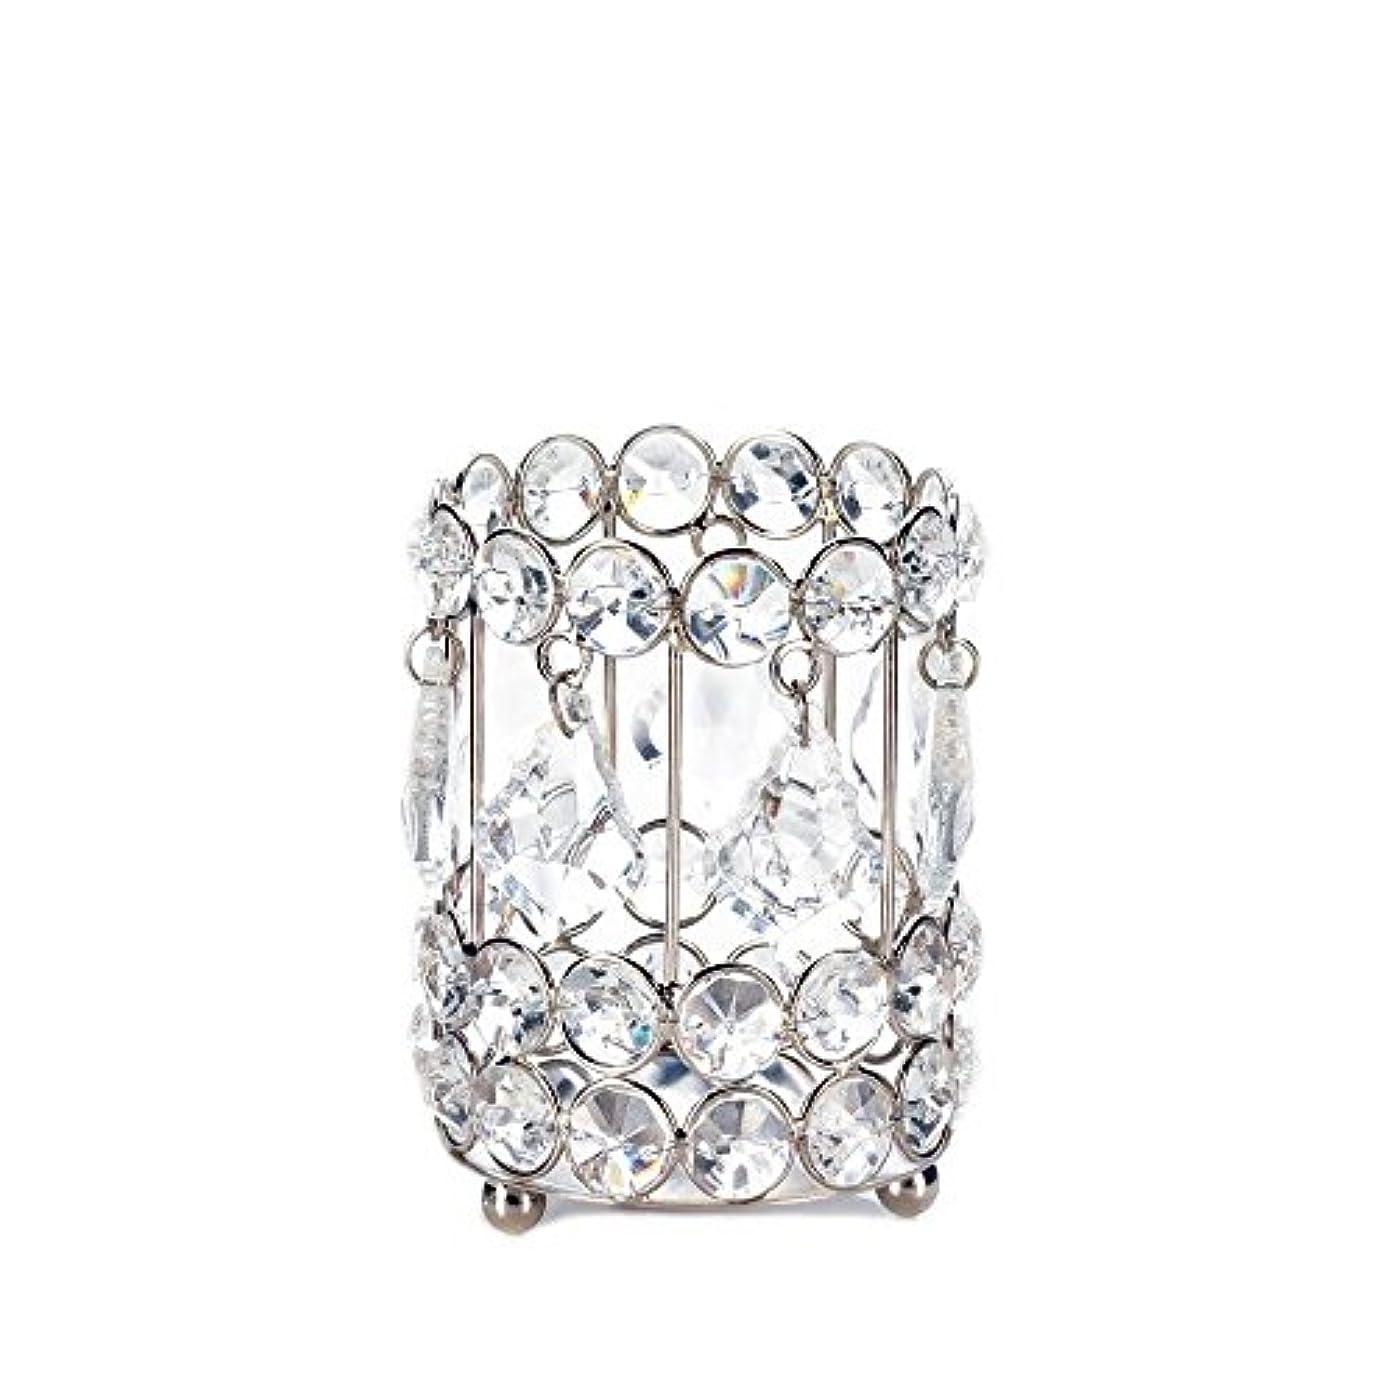 道路を作るプロセス人差し指驚くばかりGallery of Light 10018136 Super Bling Crystal Drops Candle Holder - 4 in.